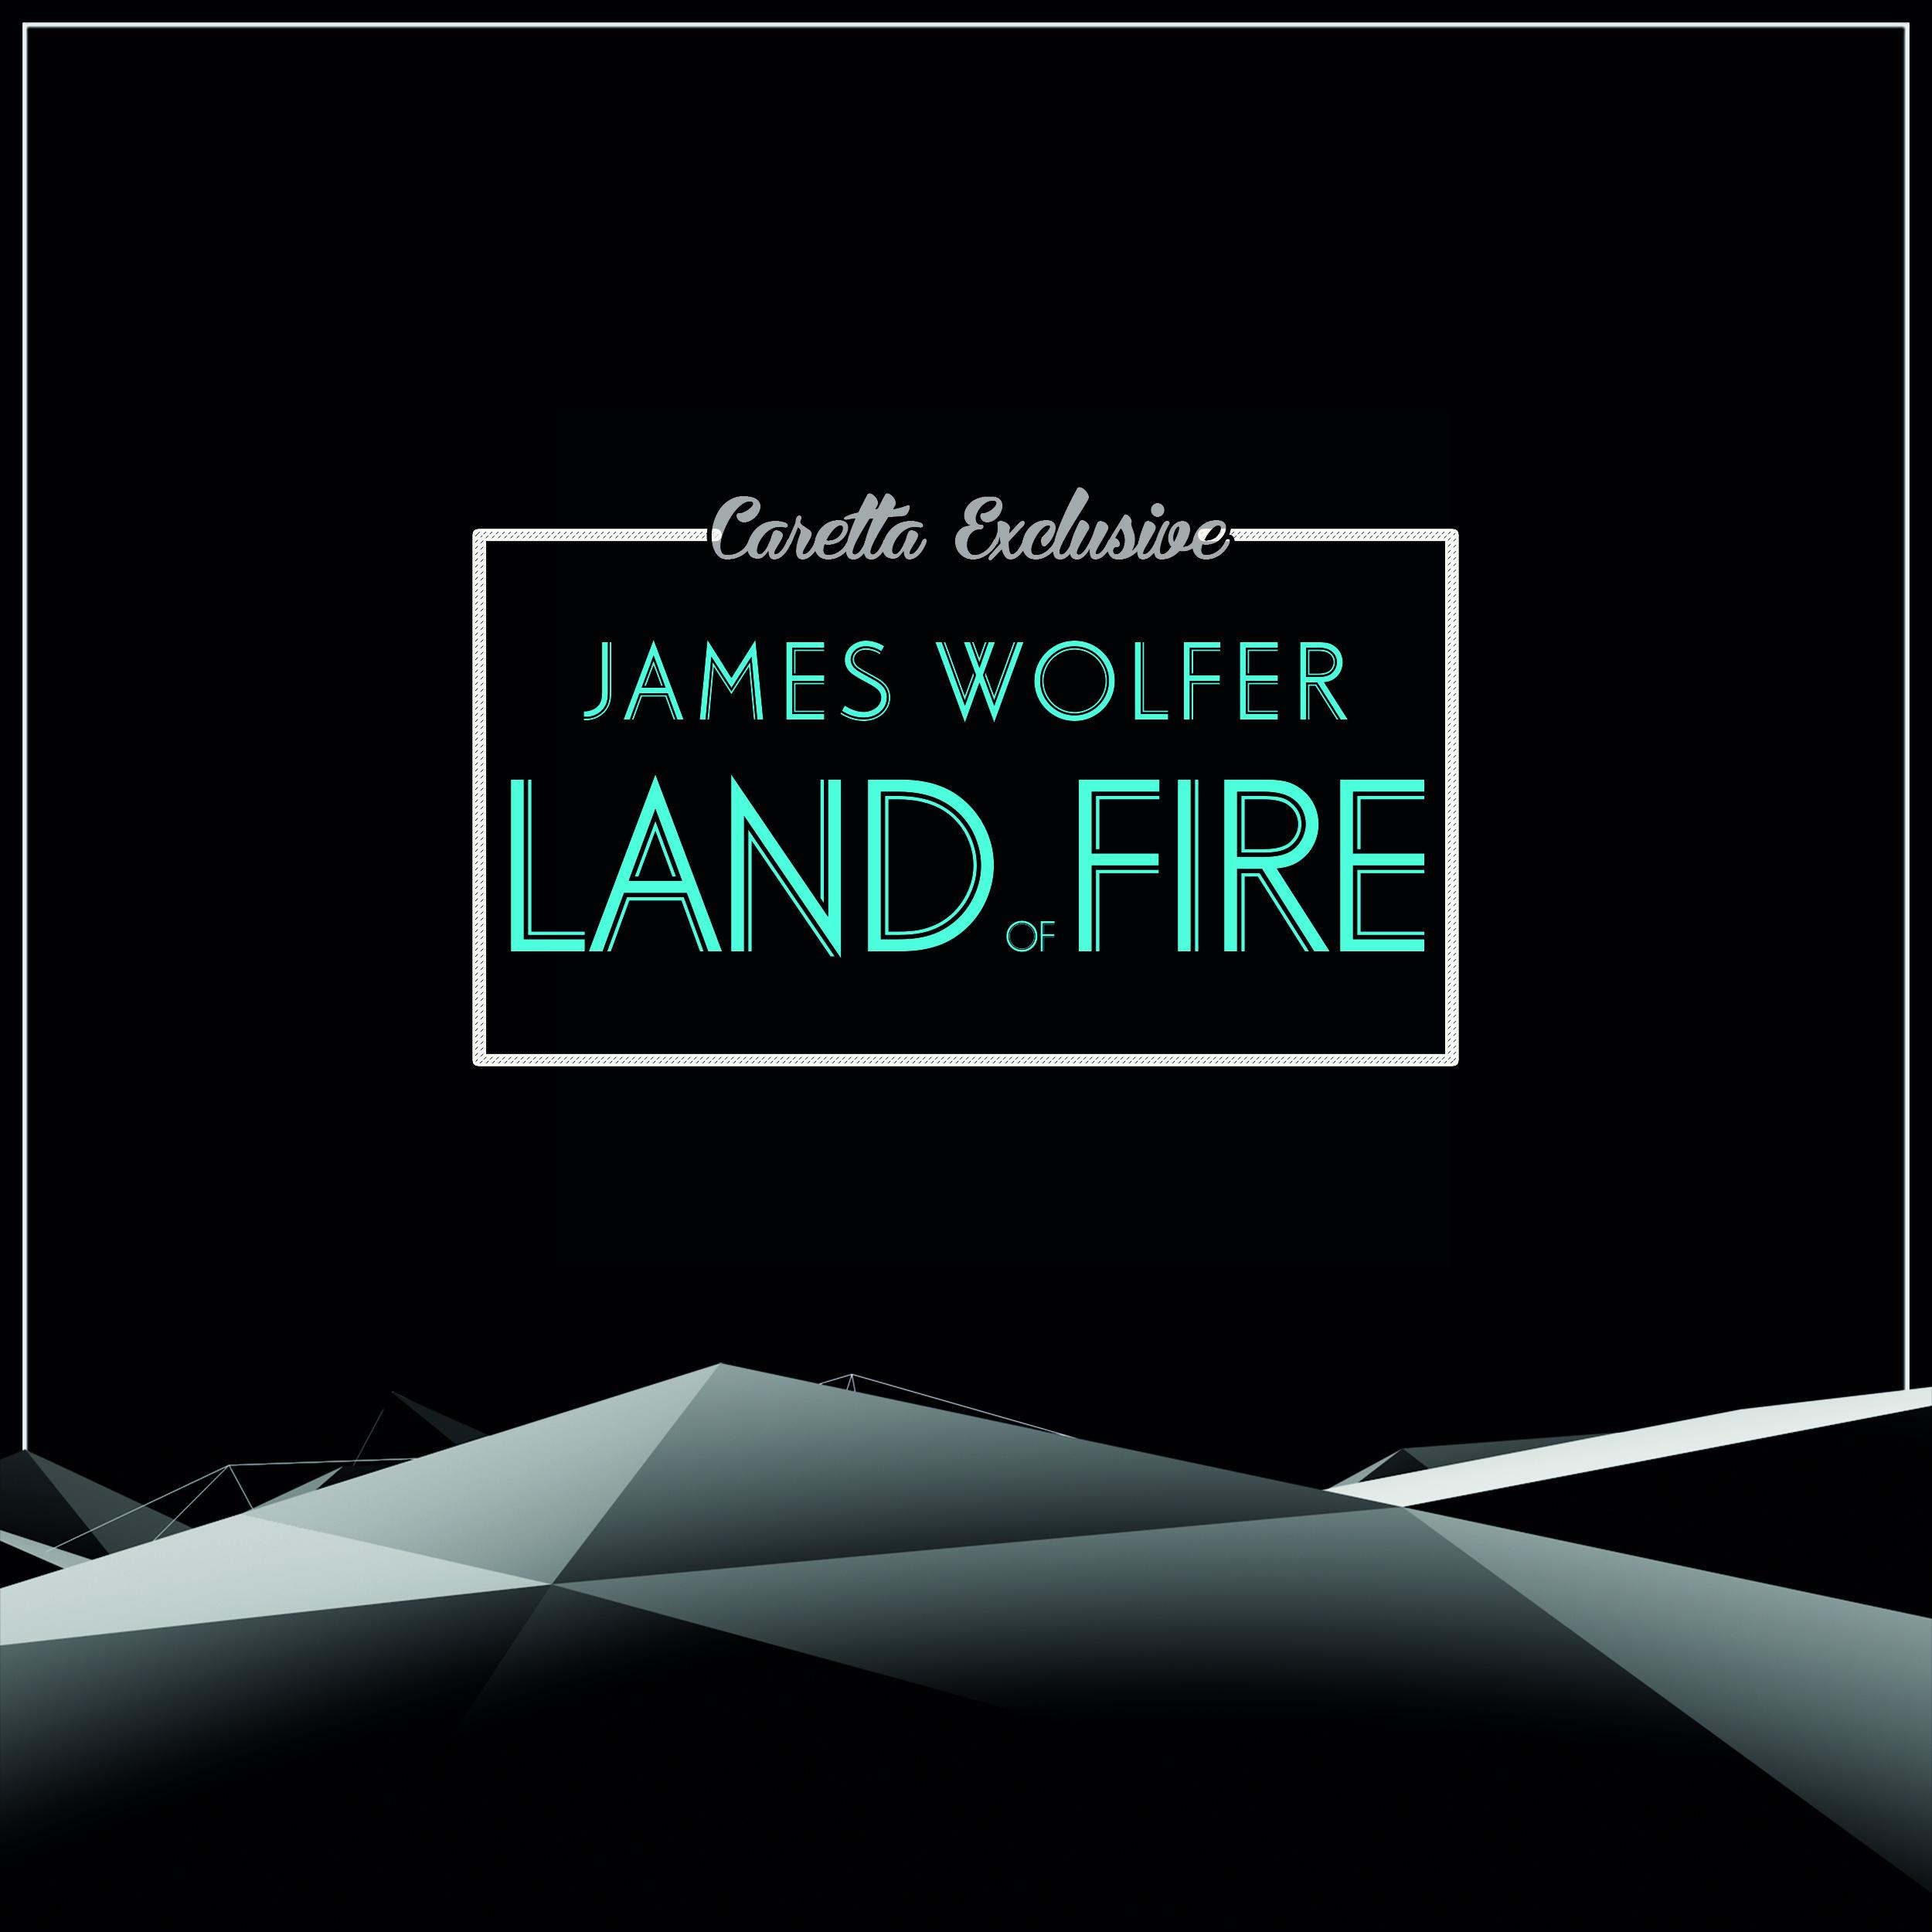 JAMES WOLFER